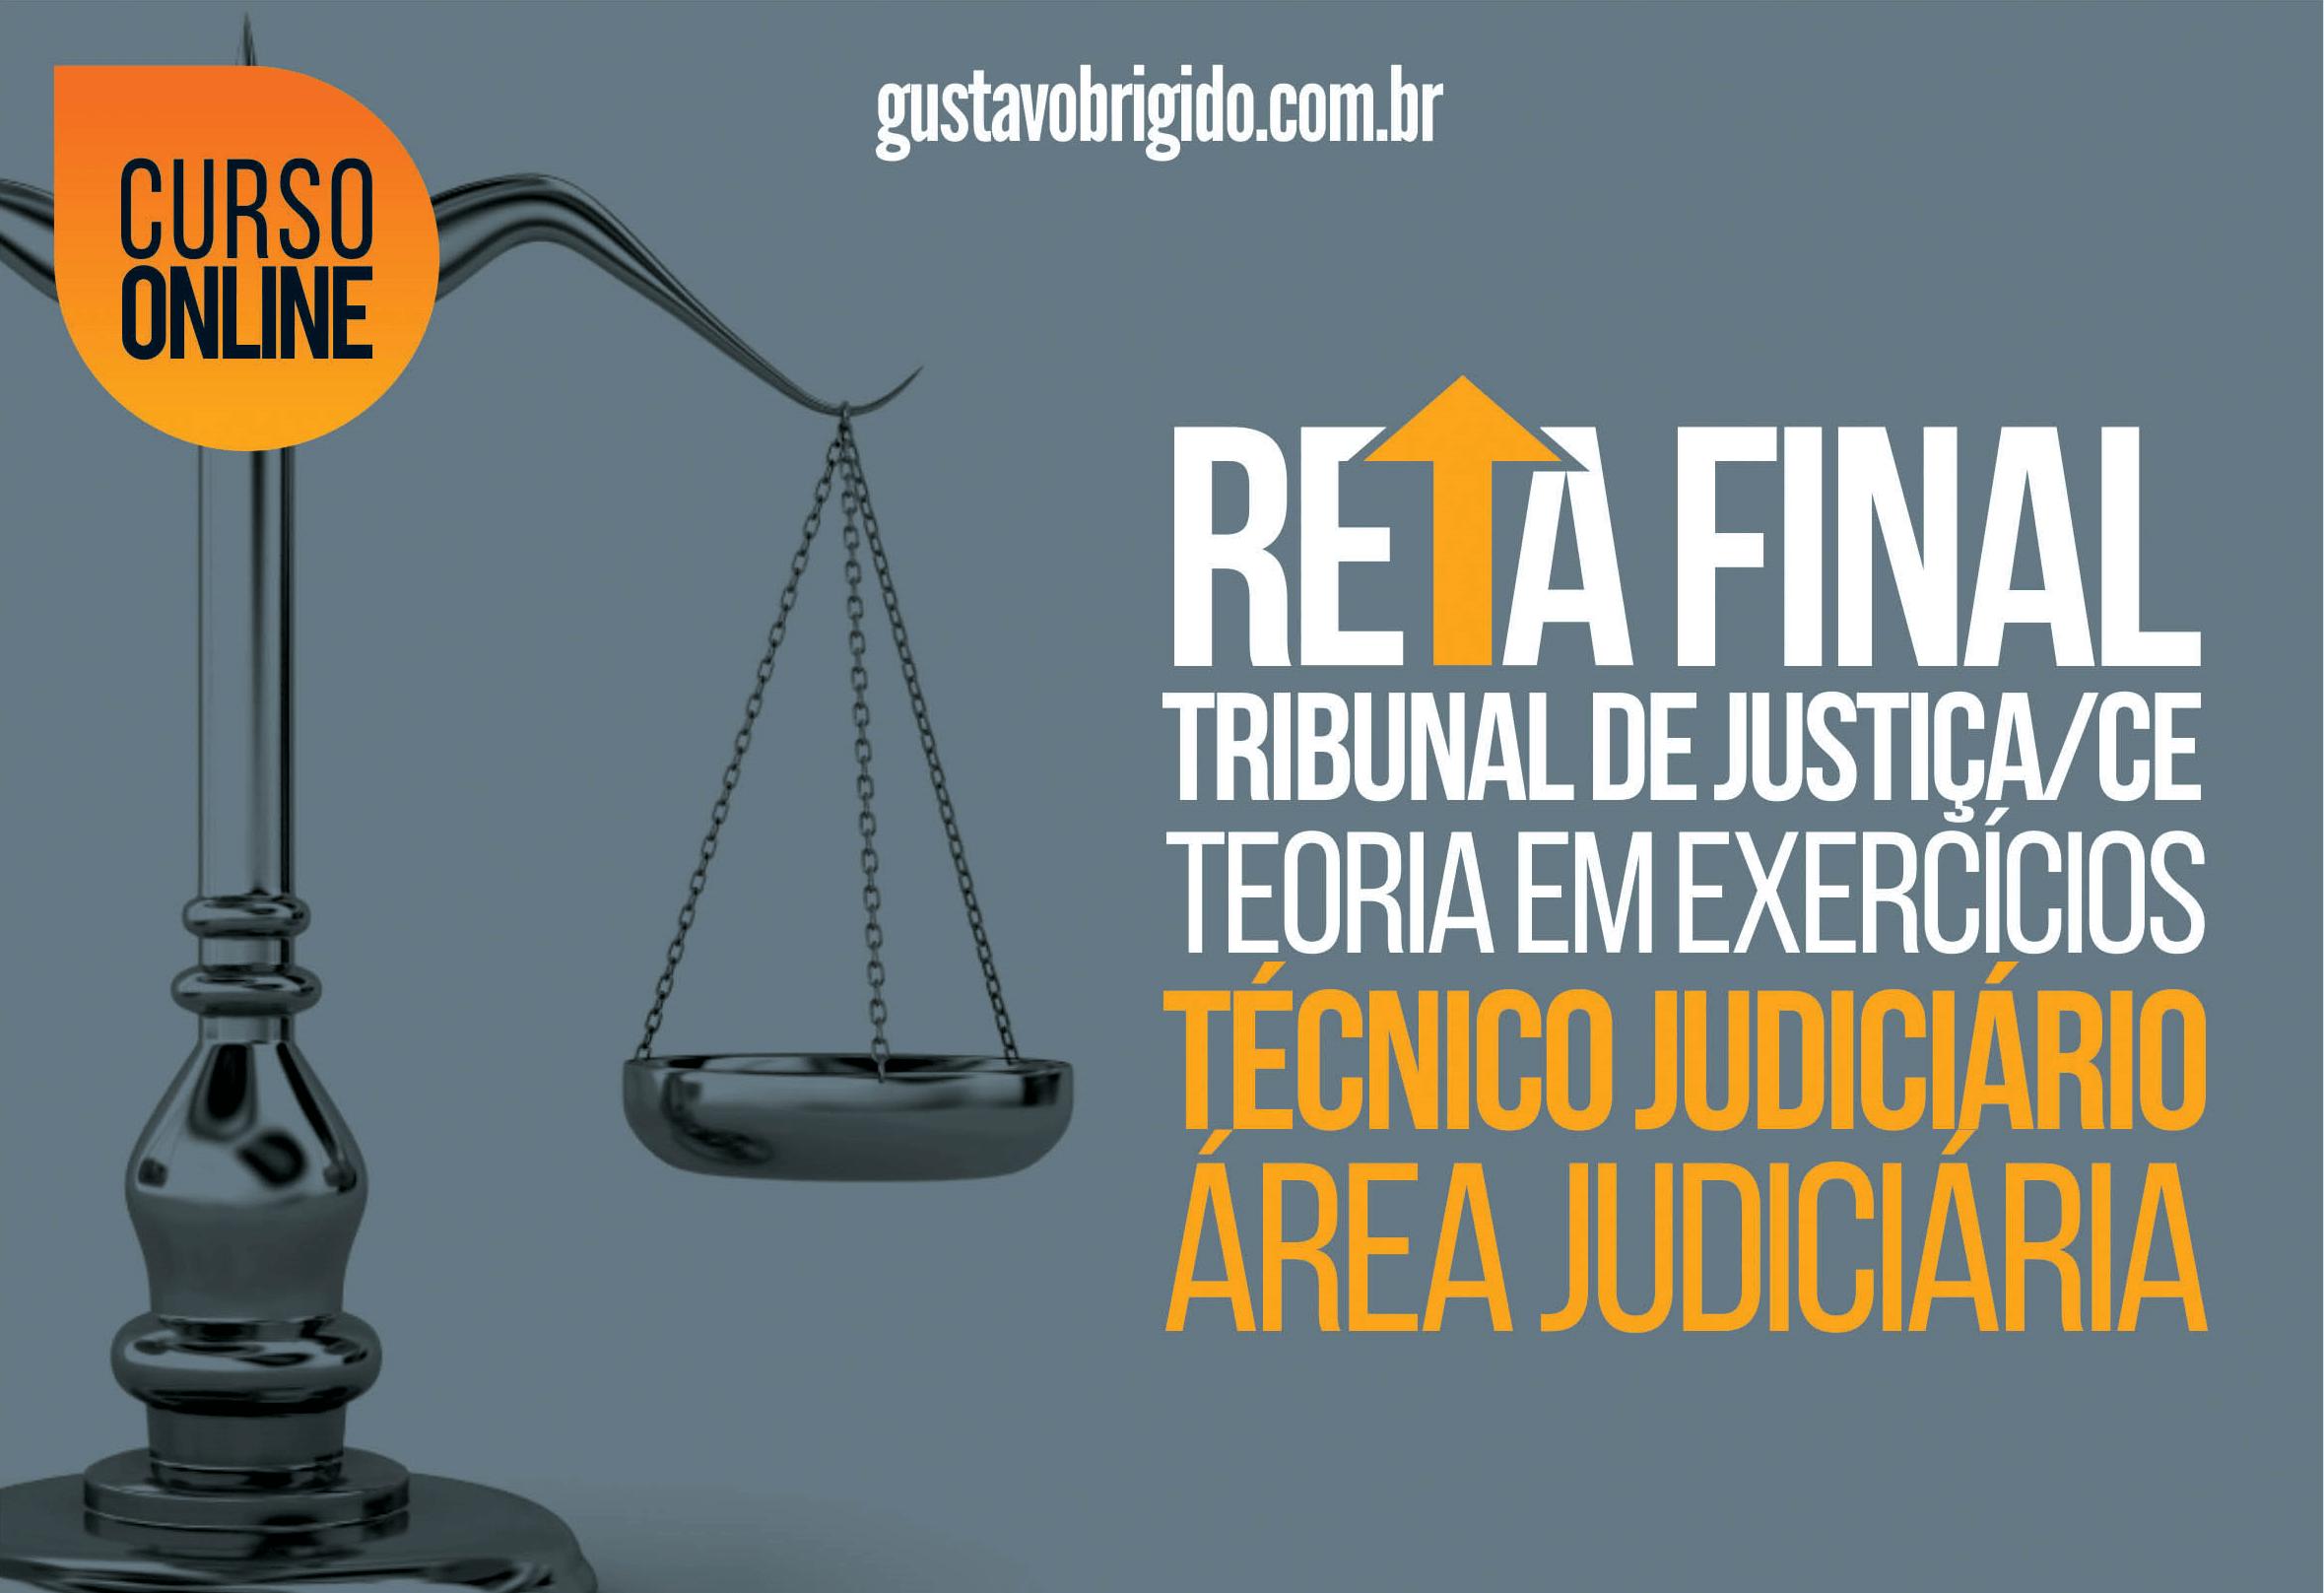 Reta Final TJ·CE - Técnico Judiciário - Área Judiciária